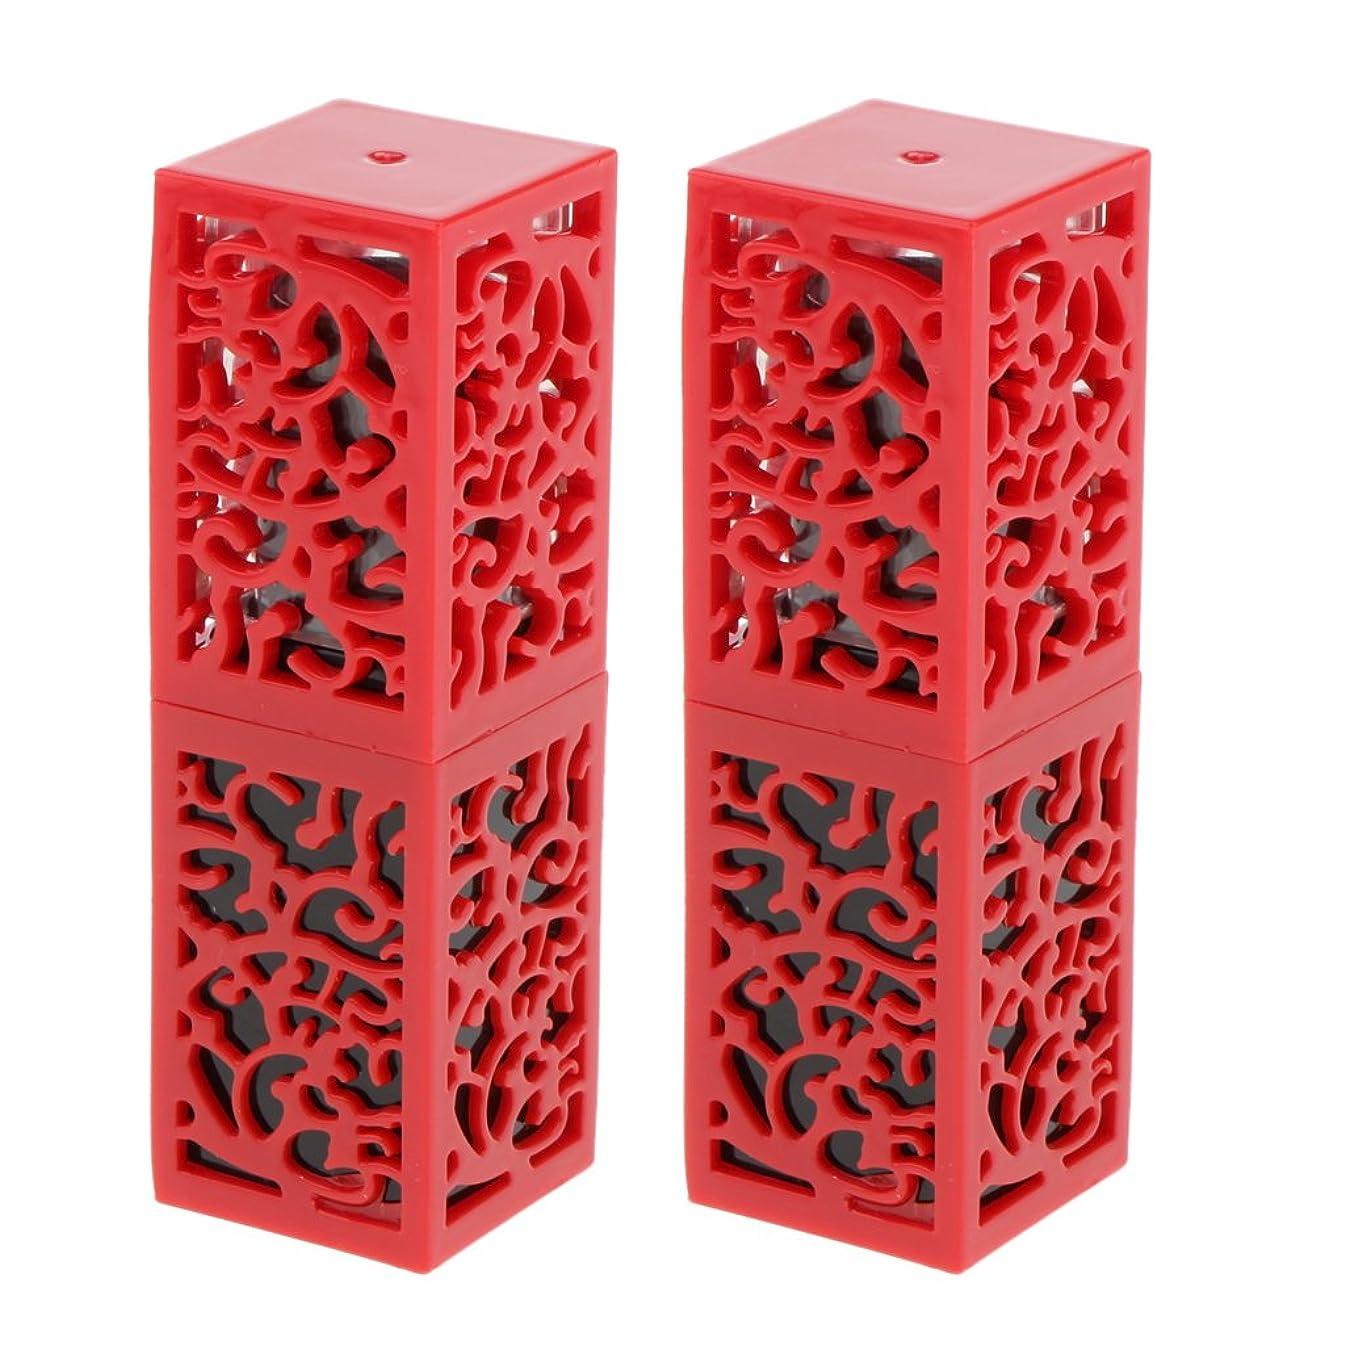 手当気絶させるどこでもHomyl 2個入 口紅チューブ リップスティックチューブ 内径1.21cm 金型 おしゃれ プレゼント 手作り 全2色 - 赤